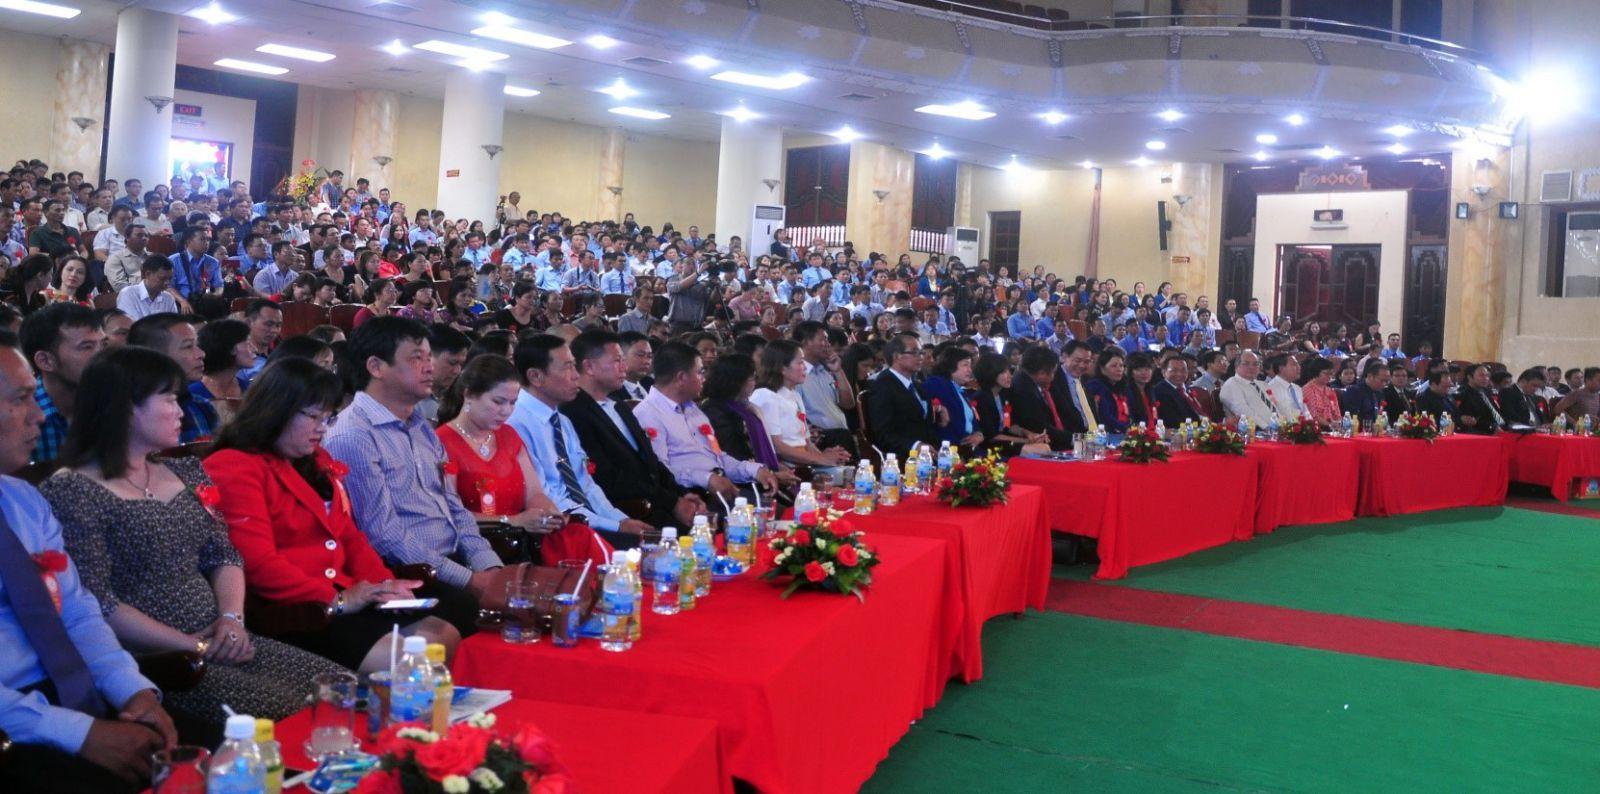 Toàn cảnh Hội nghị khách hàng Yến Sào Khánh Hòa năm 2019